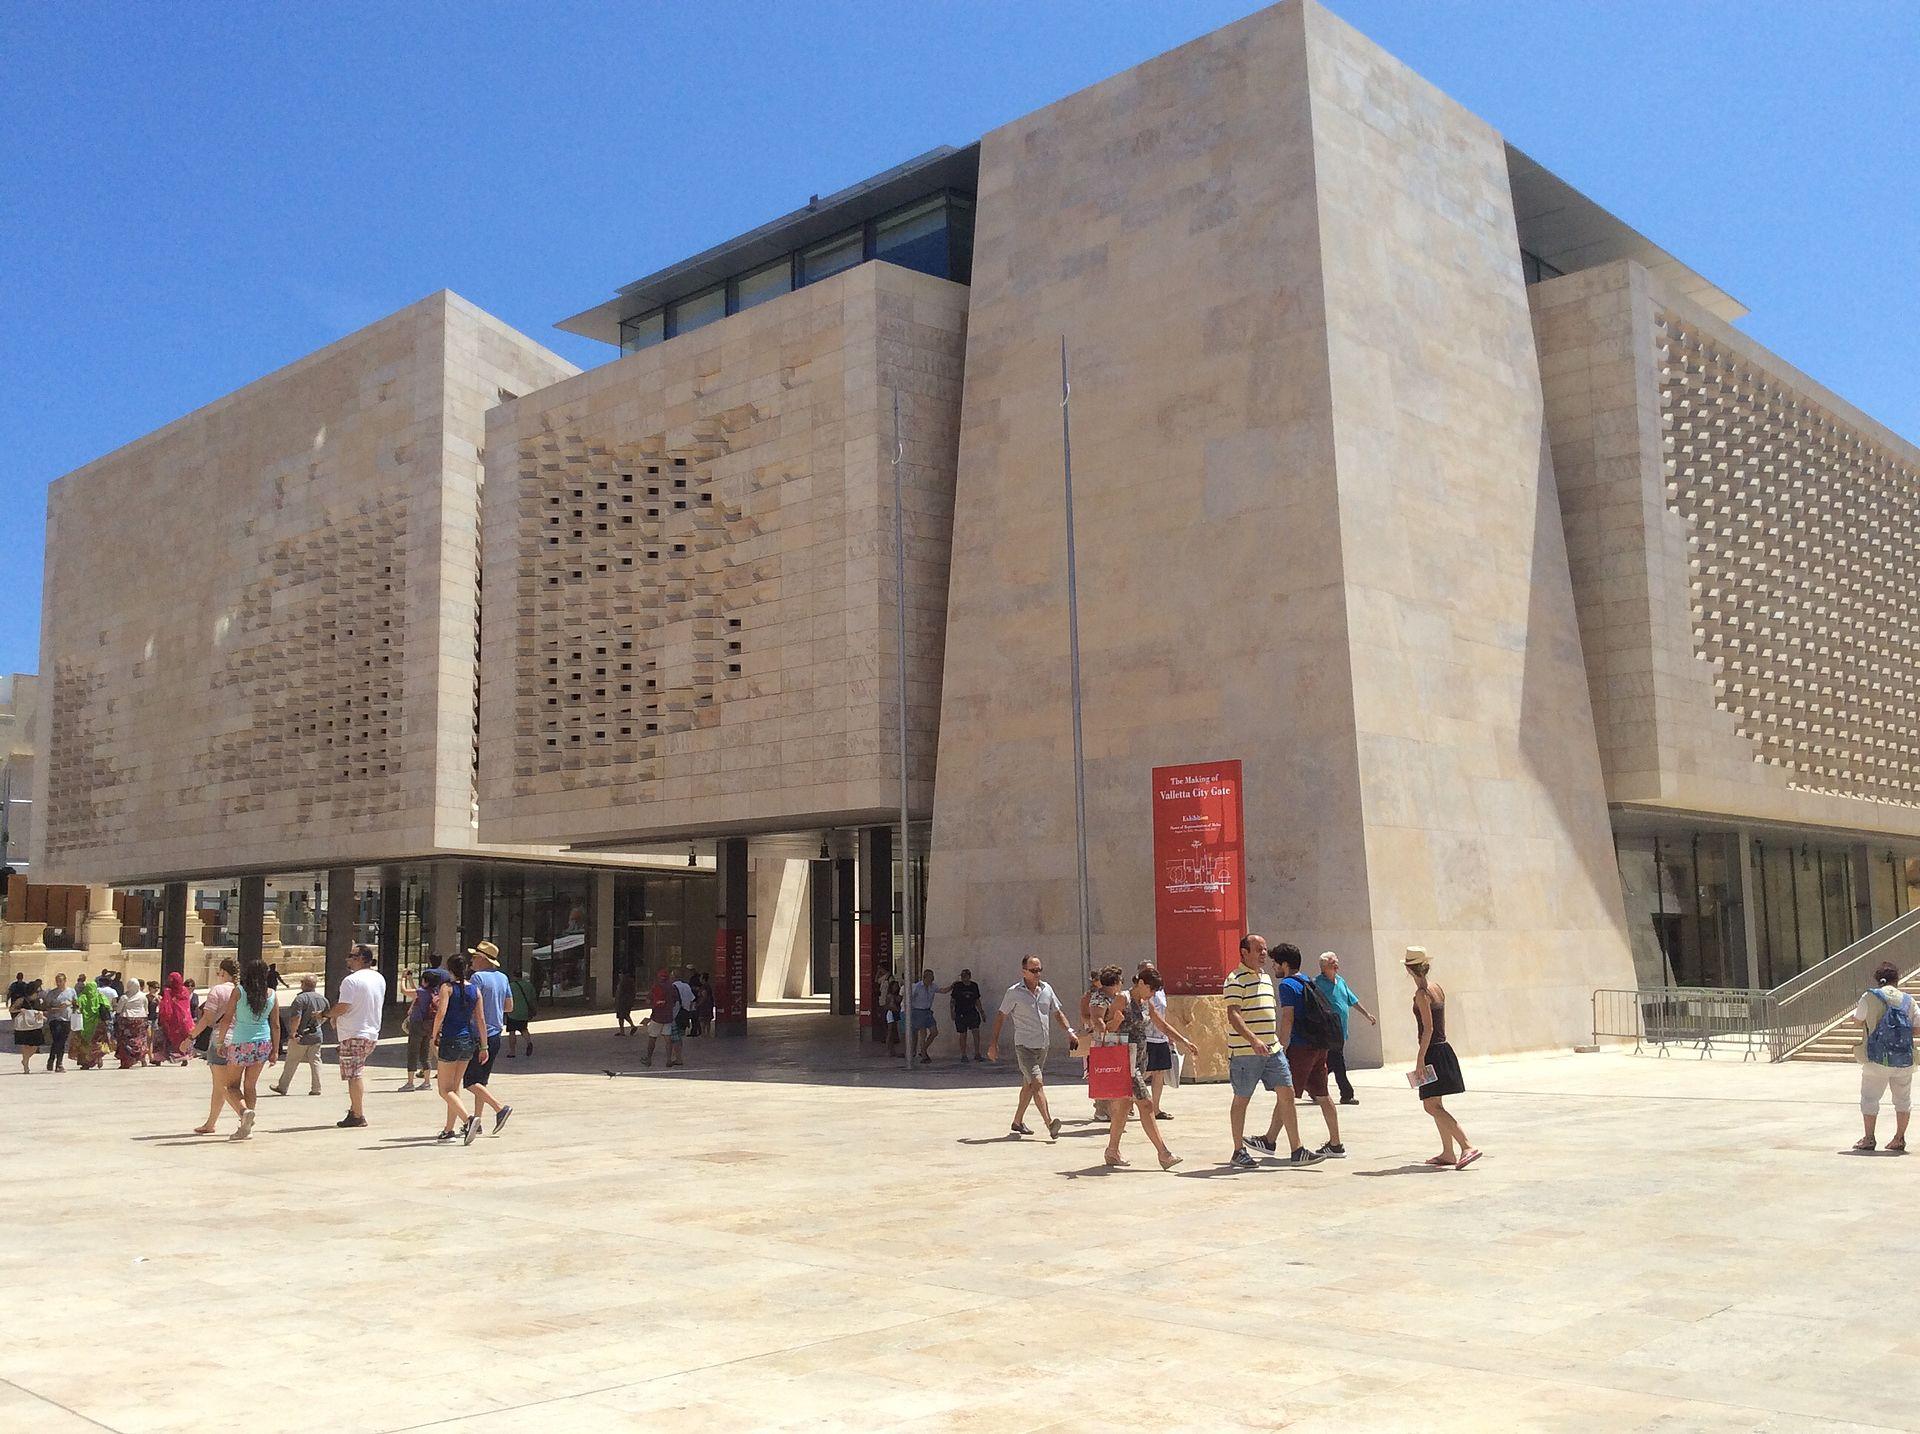 Parlamento di malta wikipedia for Parlamento wikipedia